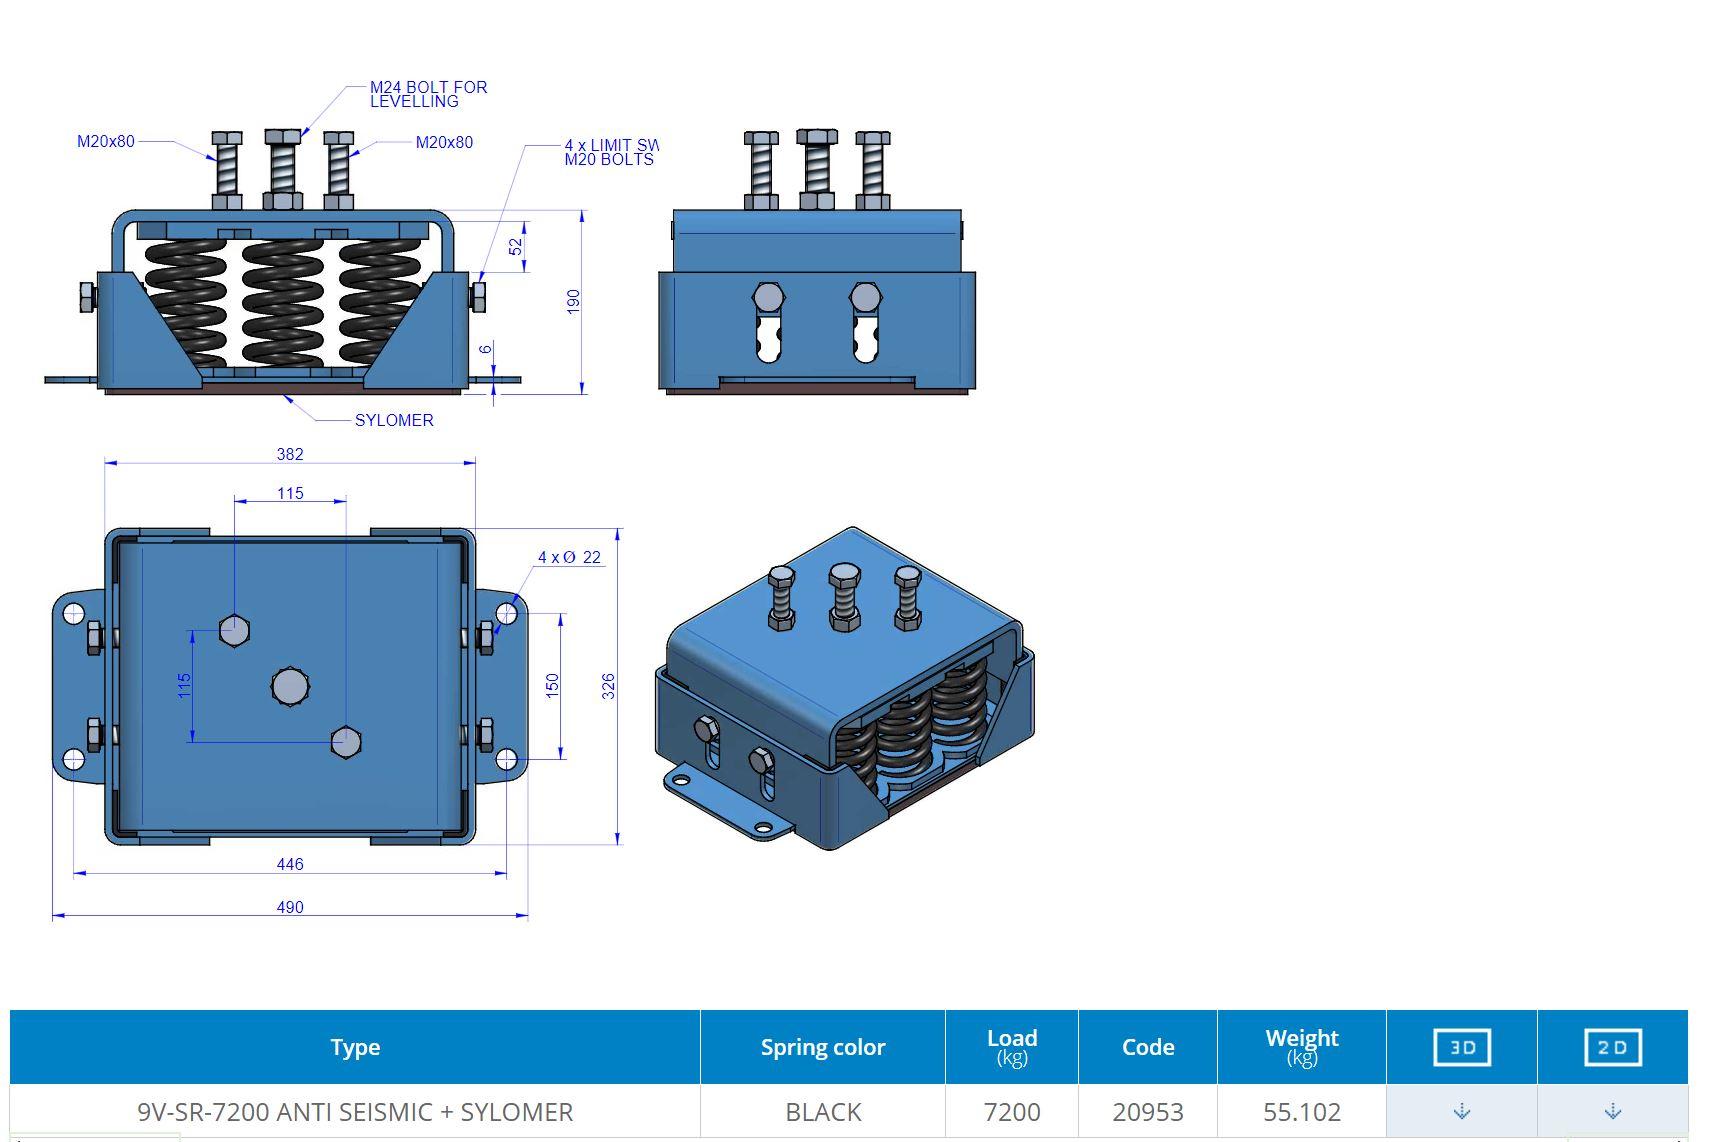 9V-SR-7200 ANTI SEISMIC + SYLOMER